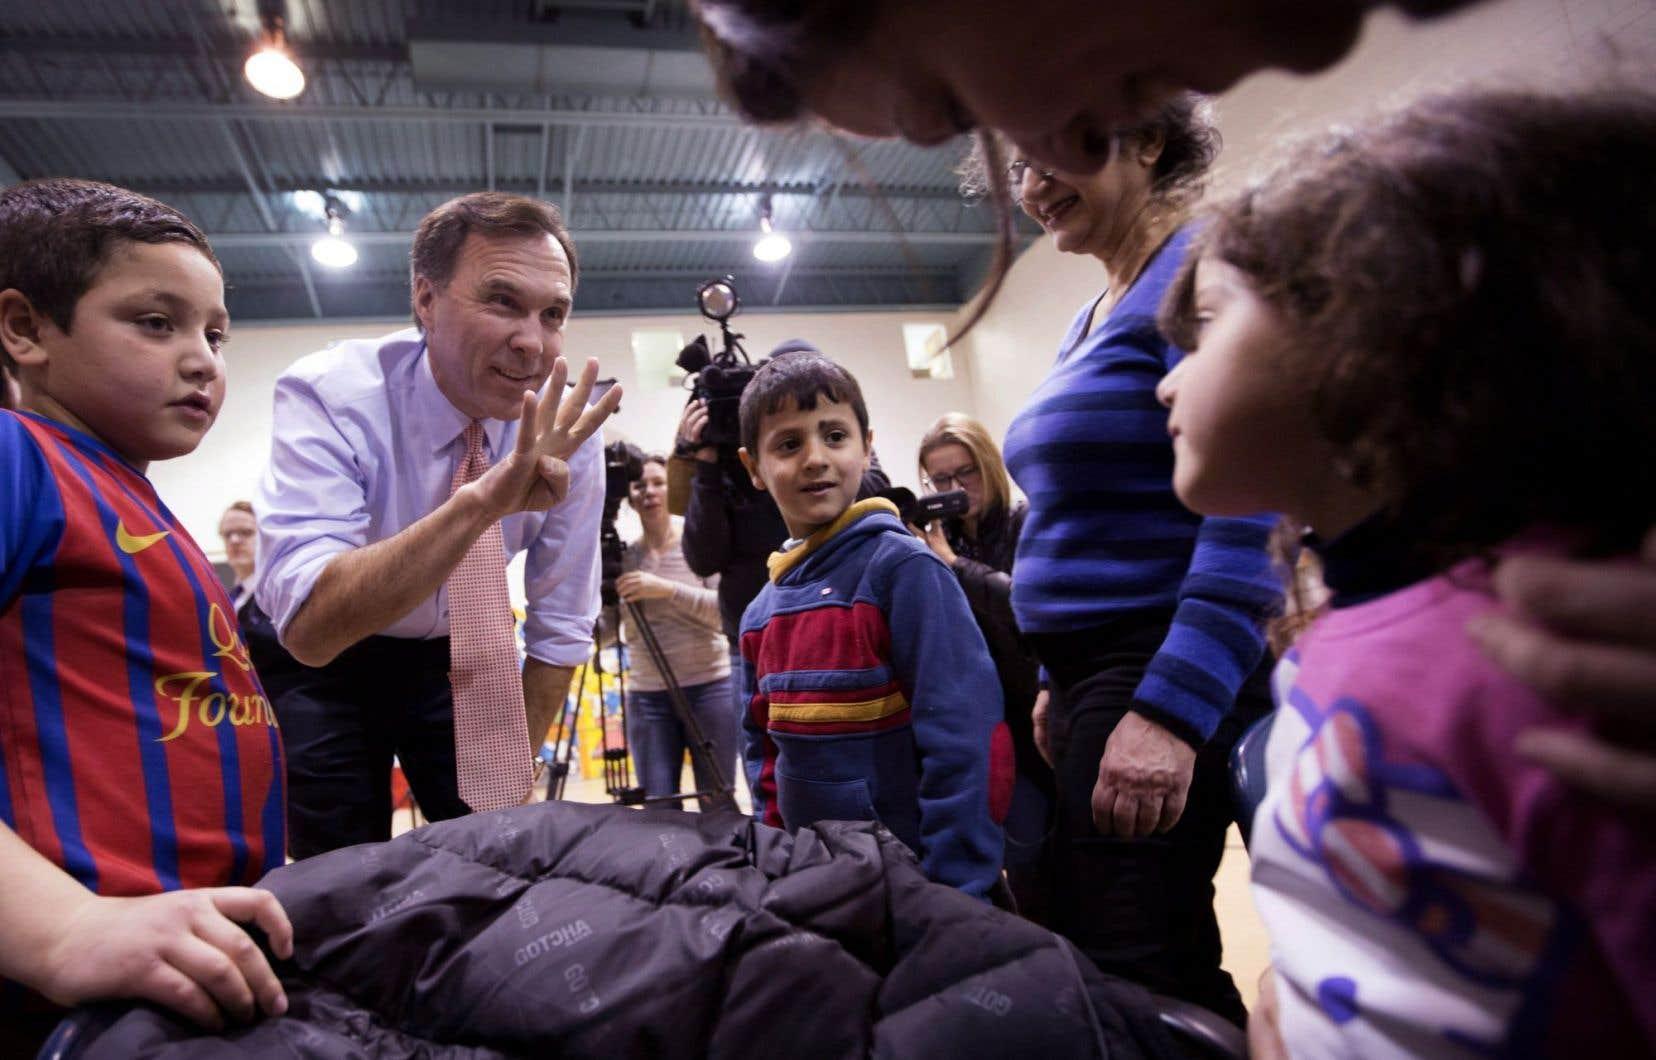 Un autre membre du gouvernement Trudeau, le ministre des Finances, Bill Morneau, a visité un centre d'accueil des réfugiés à Toronto mercredi.